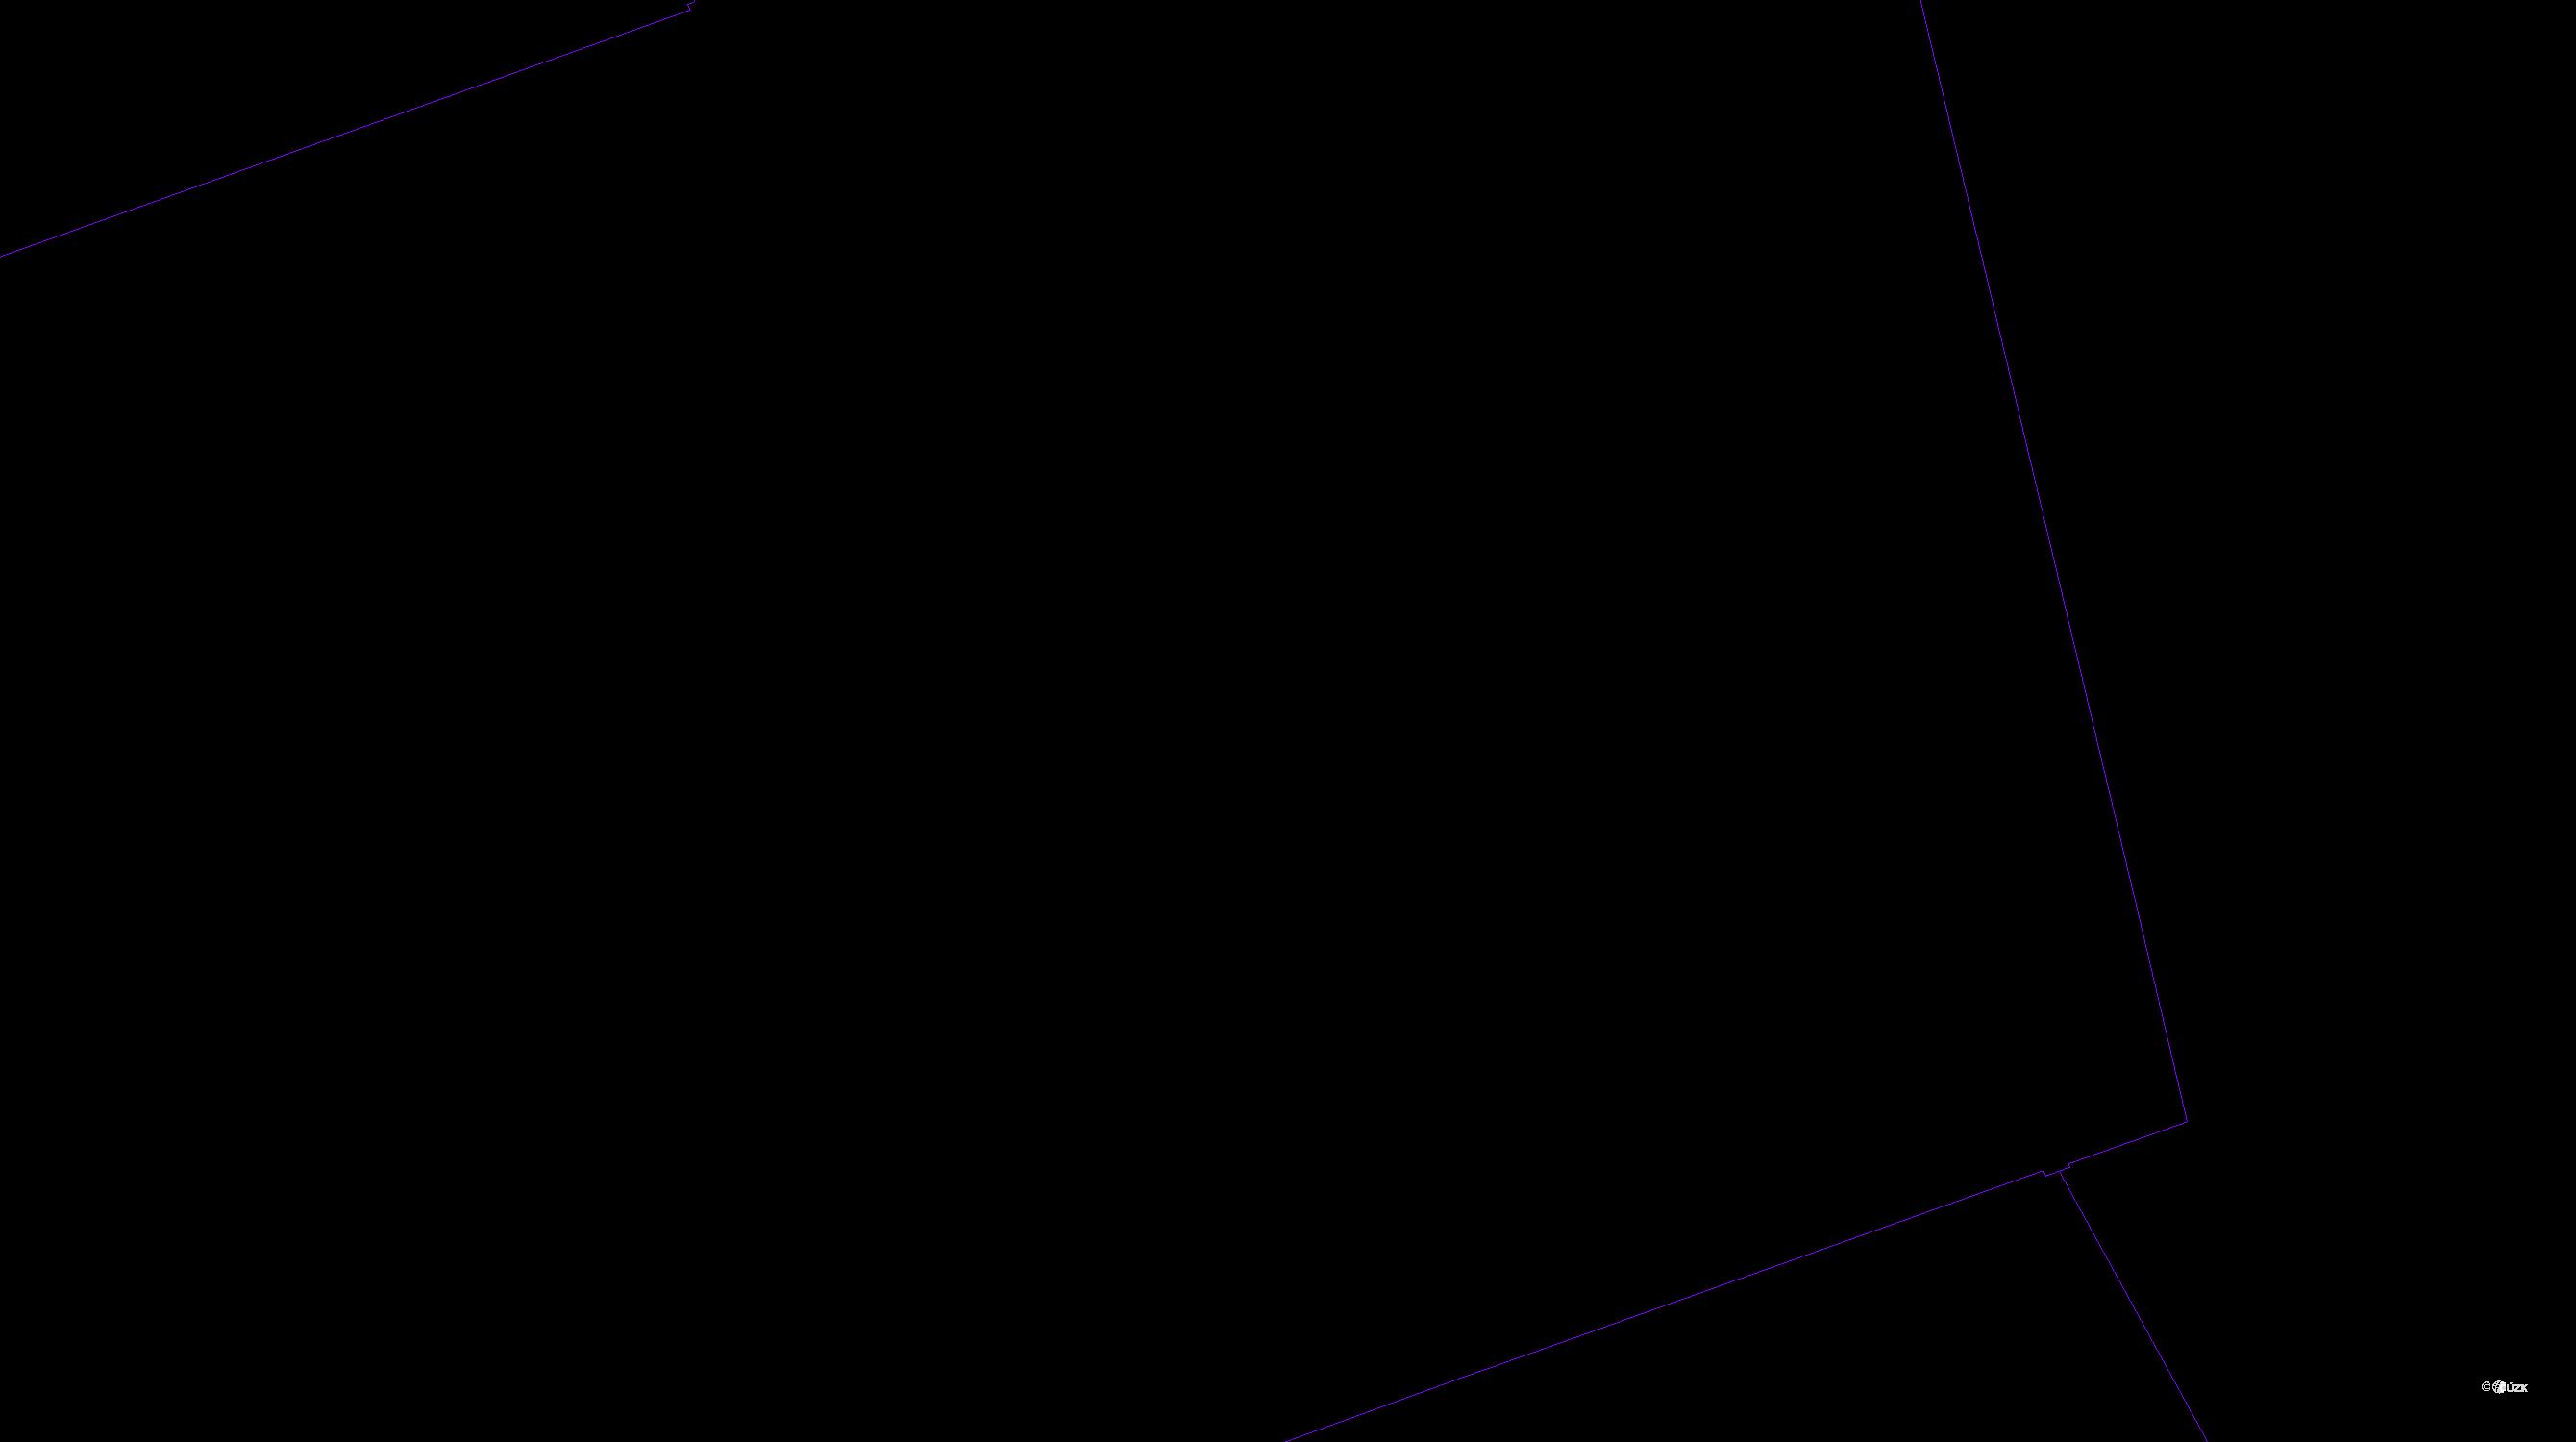 Katastrální mapa pozemků a čísla parcel Hablov